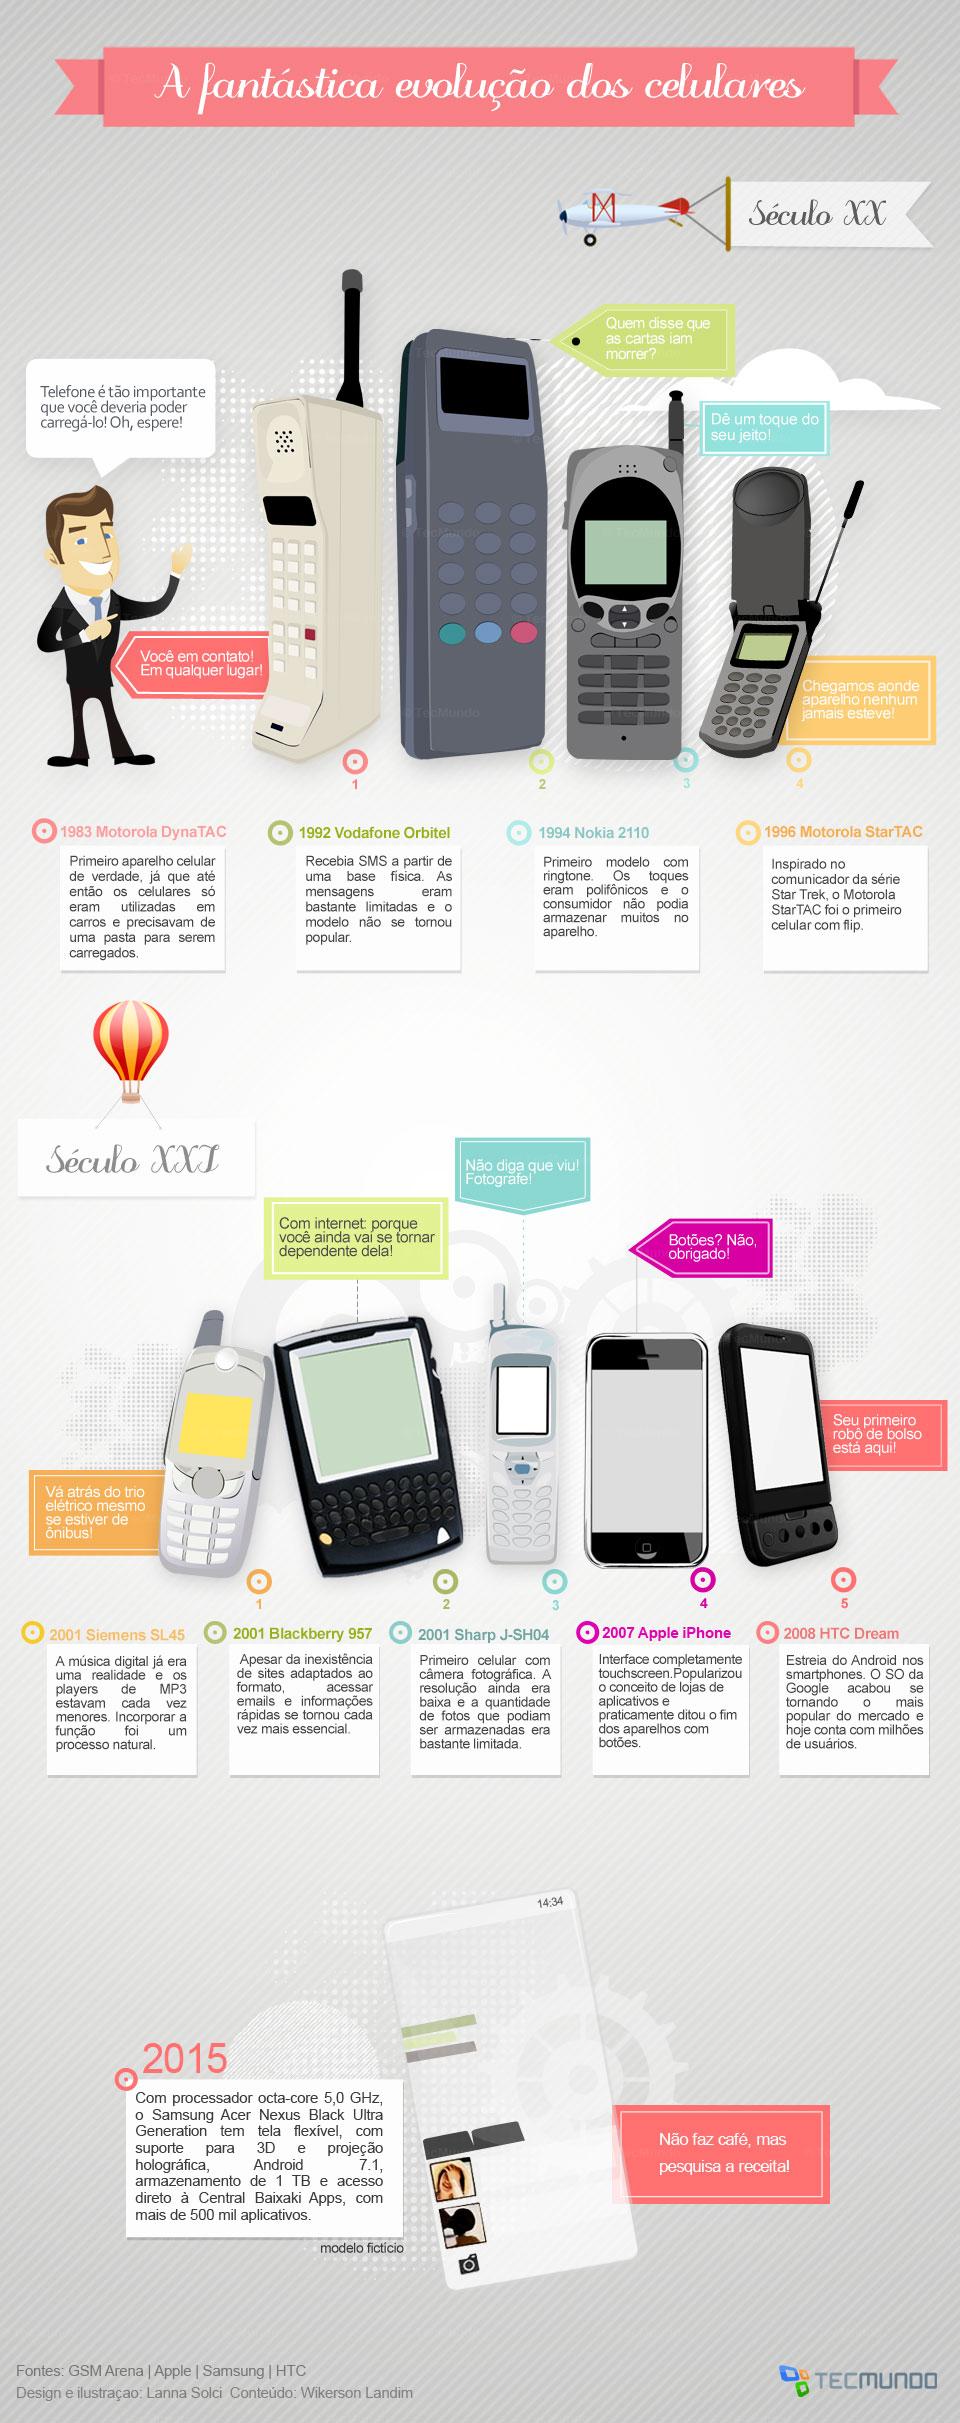 A evolução dos celulares [infográfico]